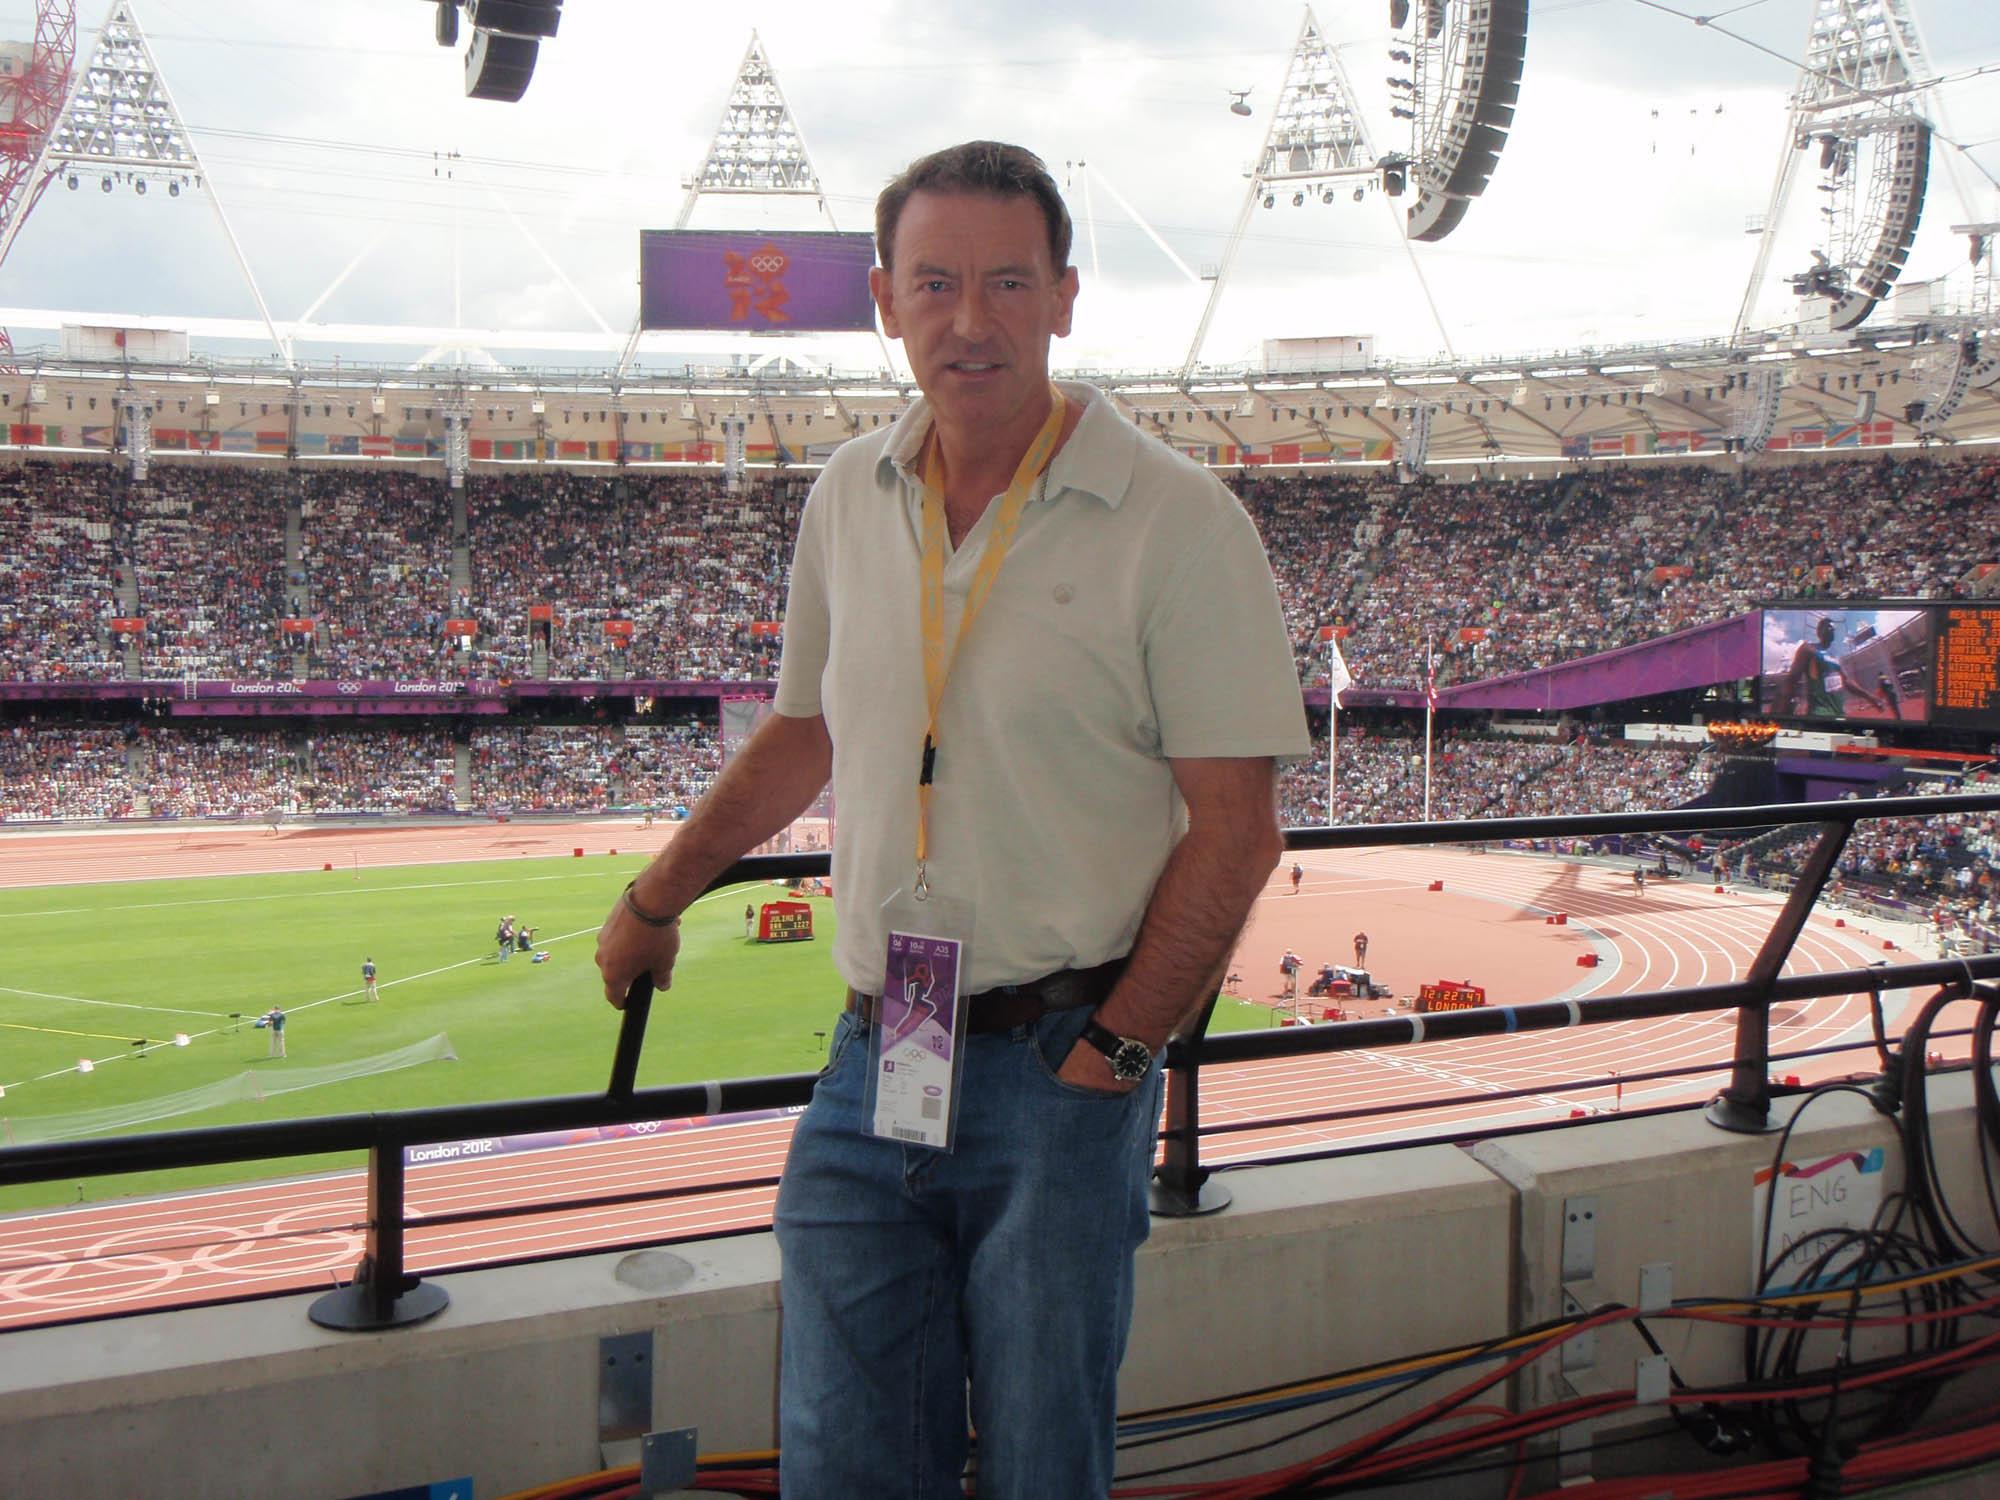 David Geldart, Author